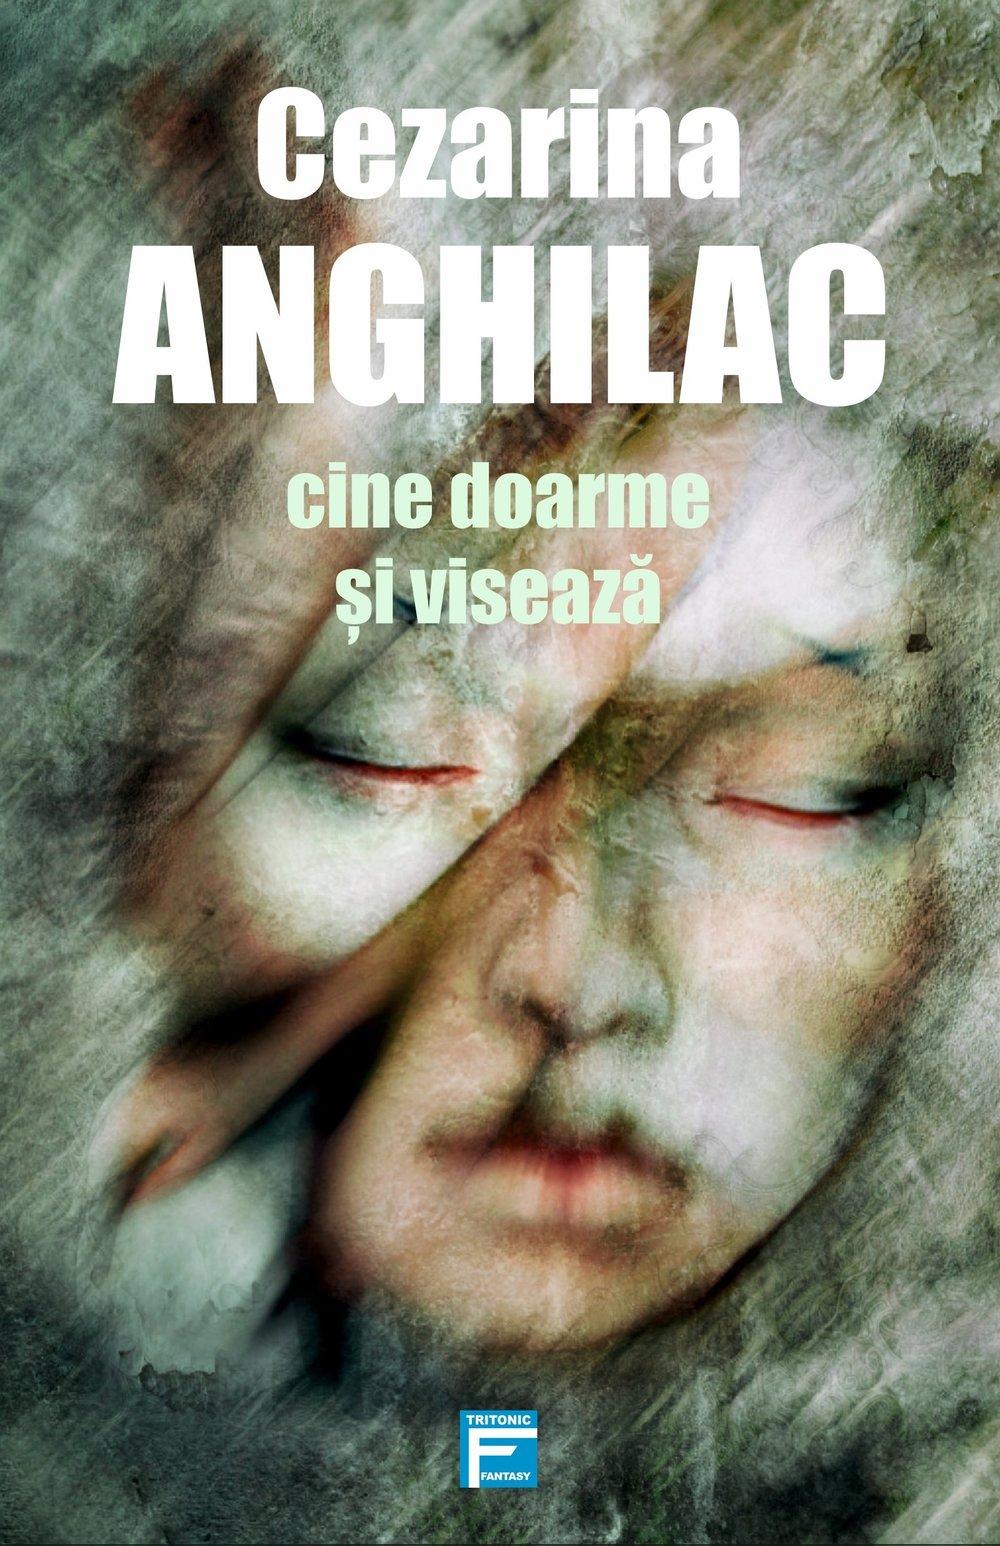 Copertă - Cine doarme și visează - Cezarina Anghilac